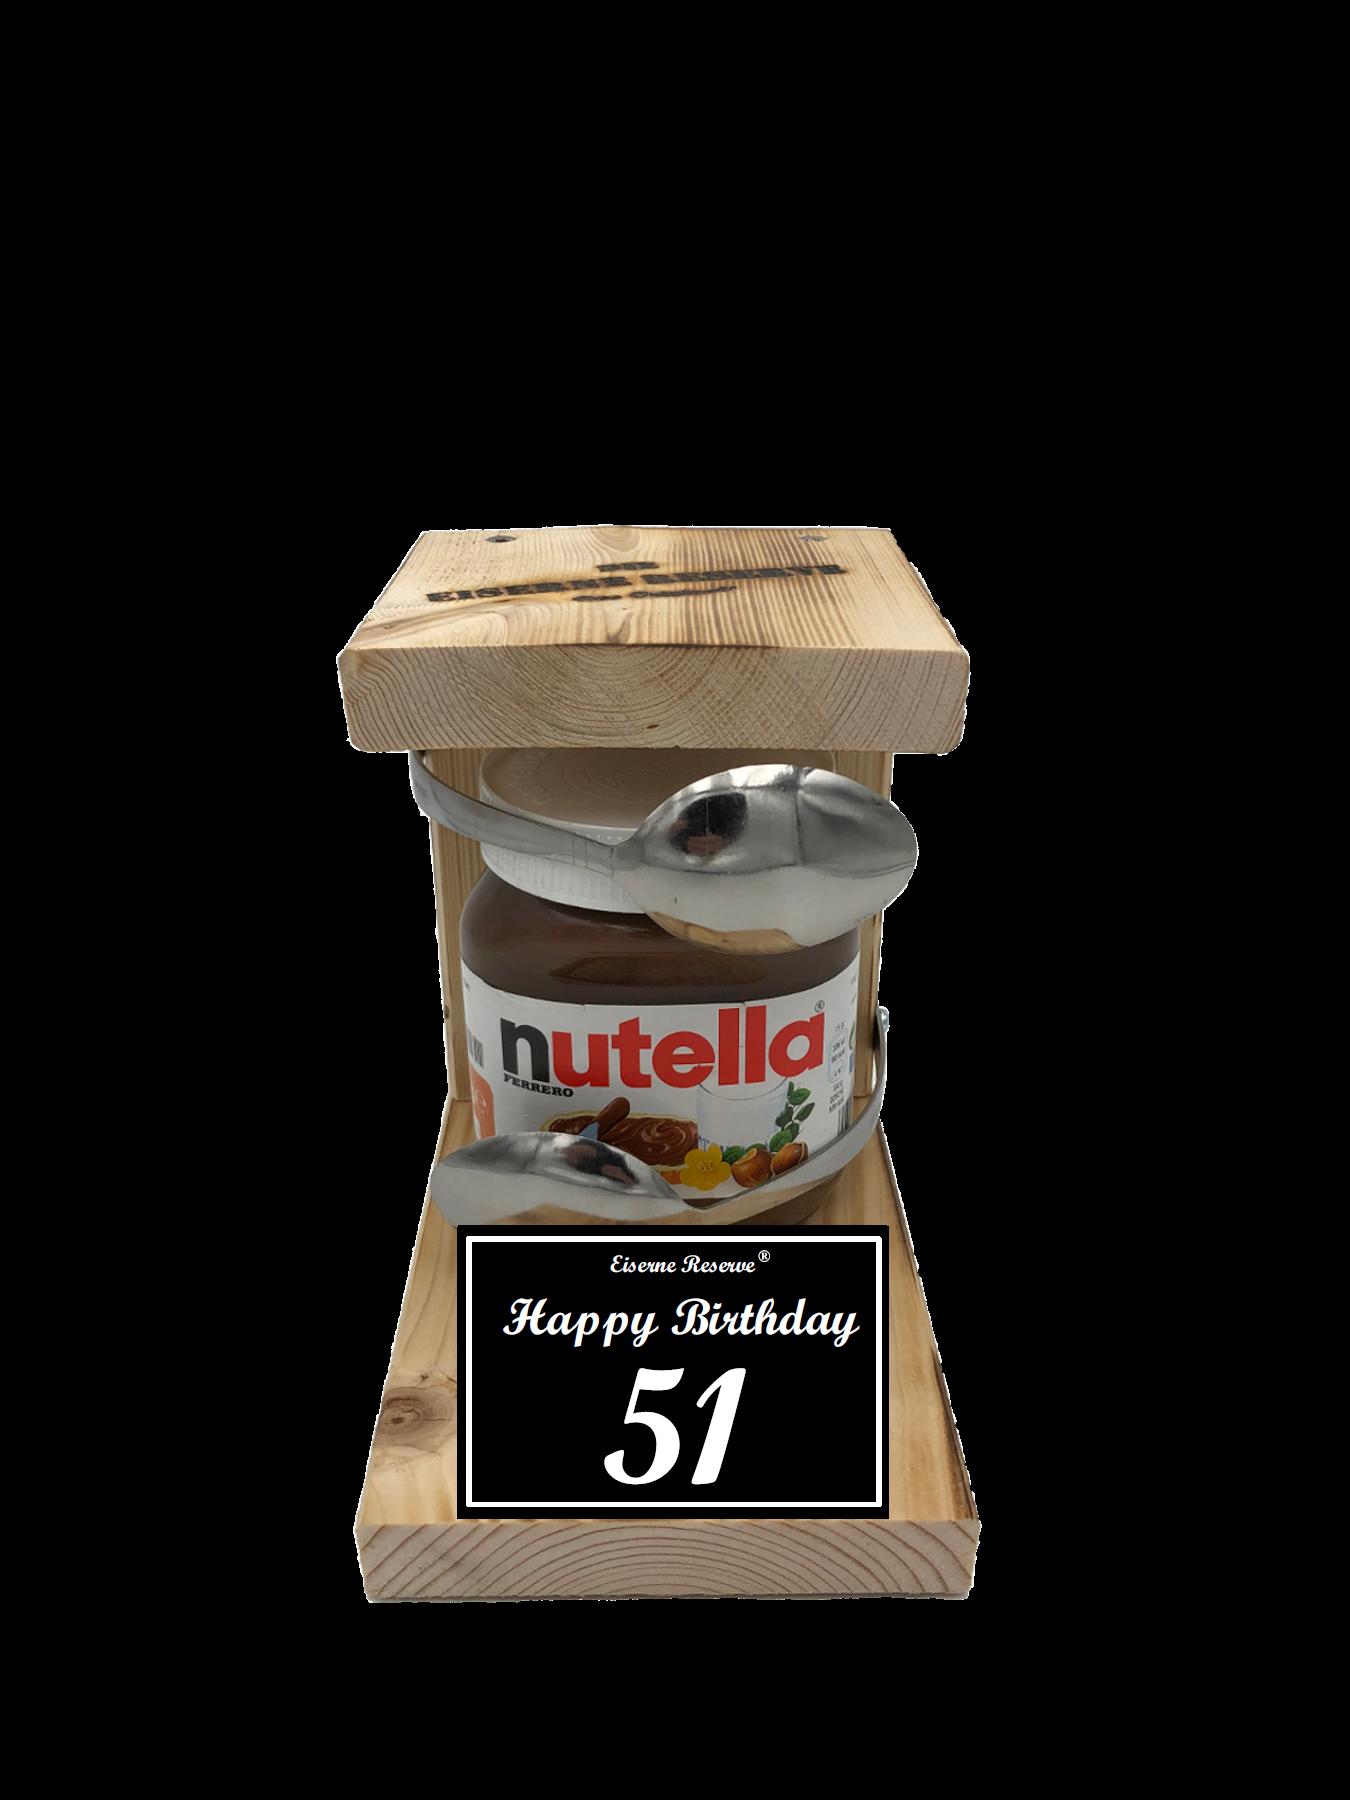 51 Happy Birthday Löffel Nutella Geschenk - Die Nutella Geschenkidee